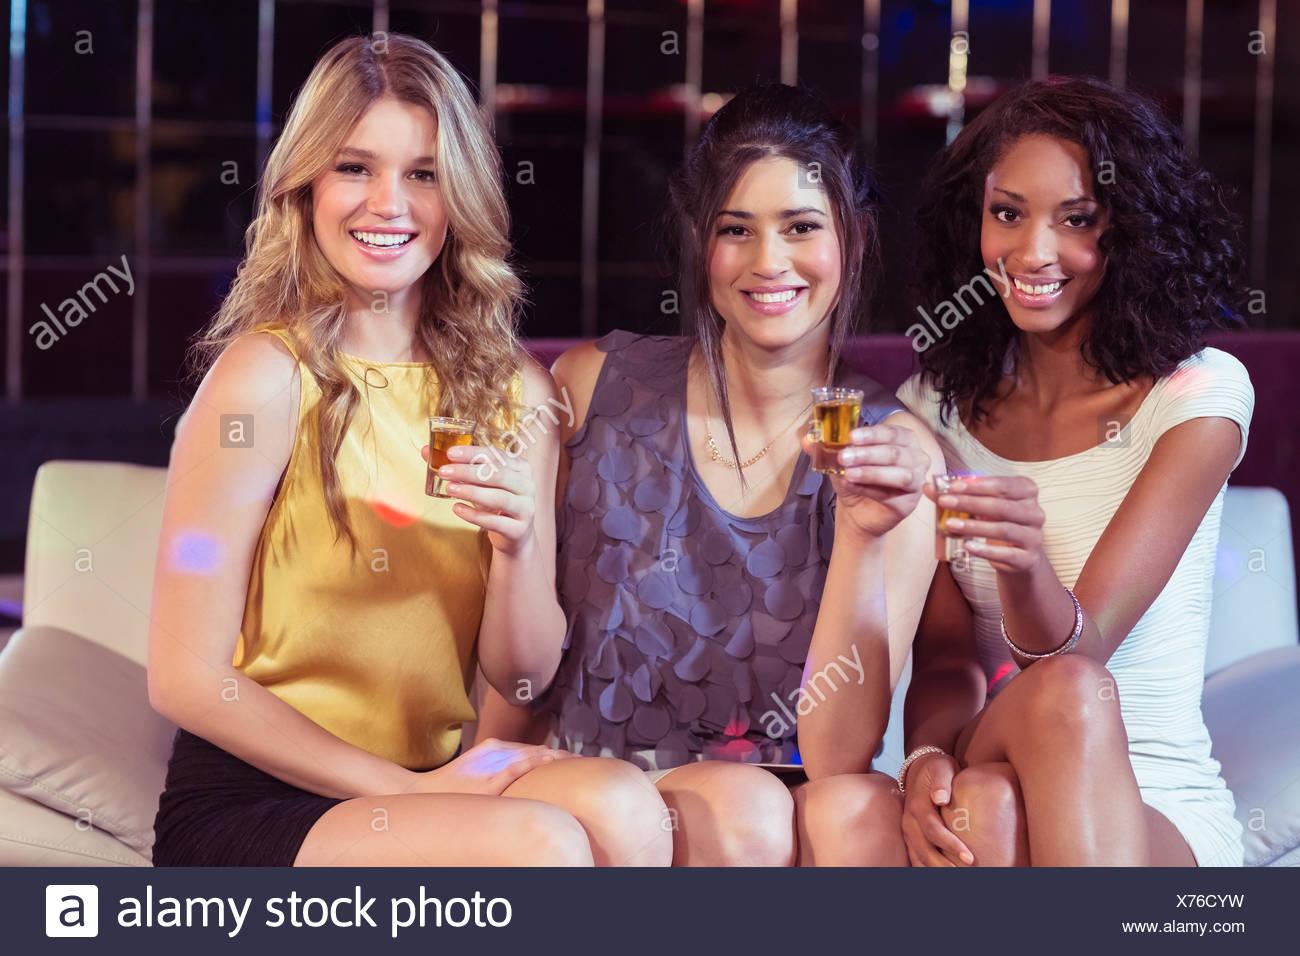 Belle ragazze avente scatti Immagini Stock